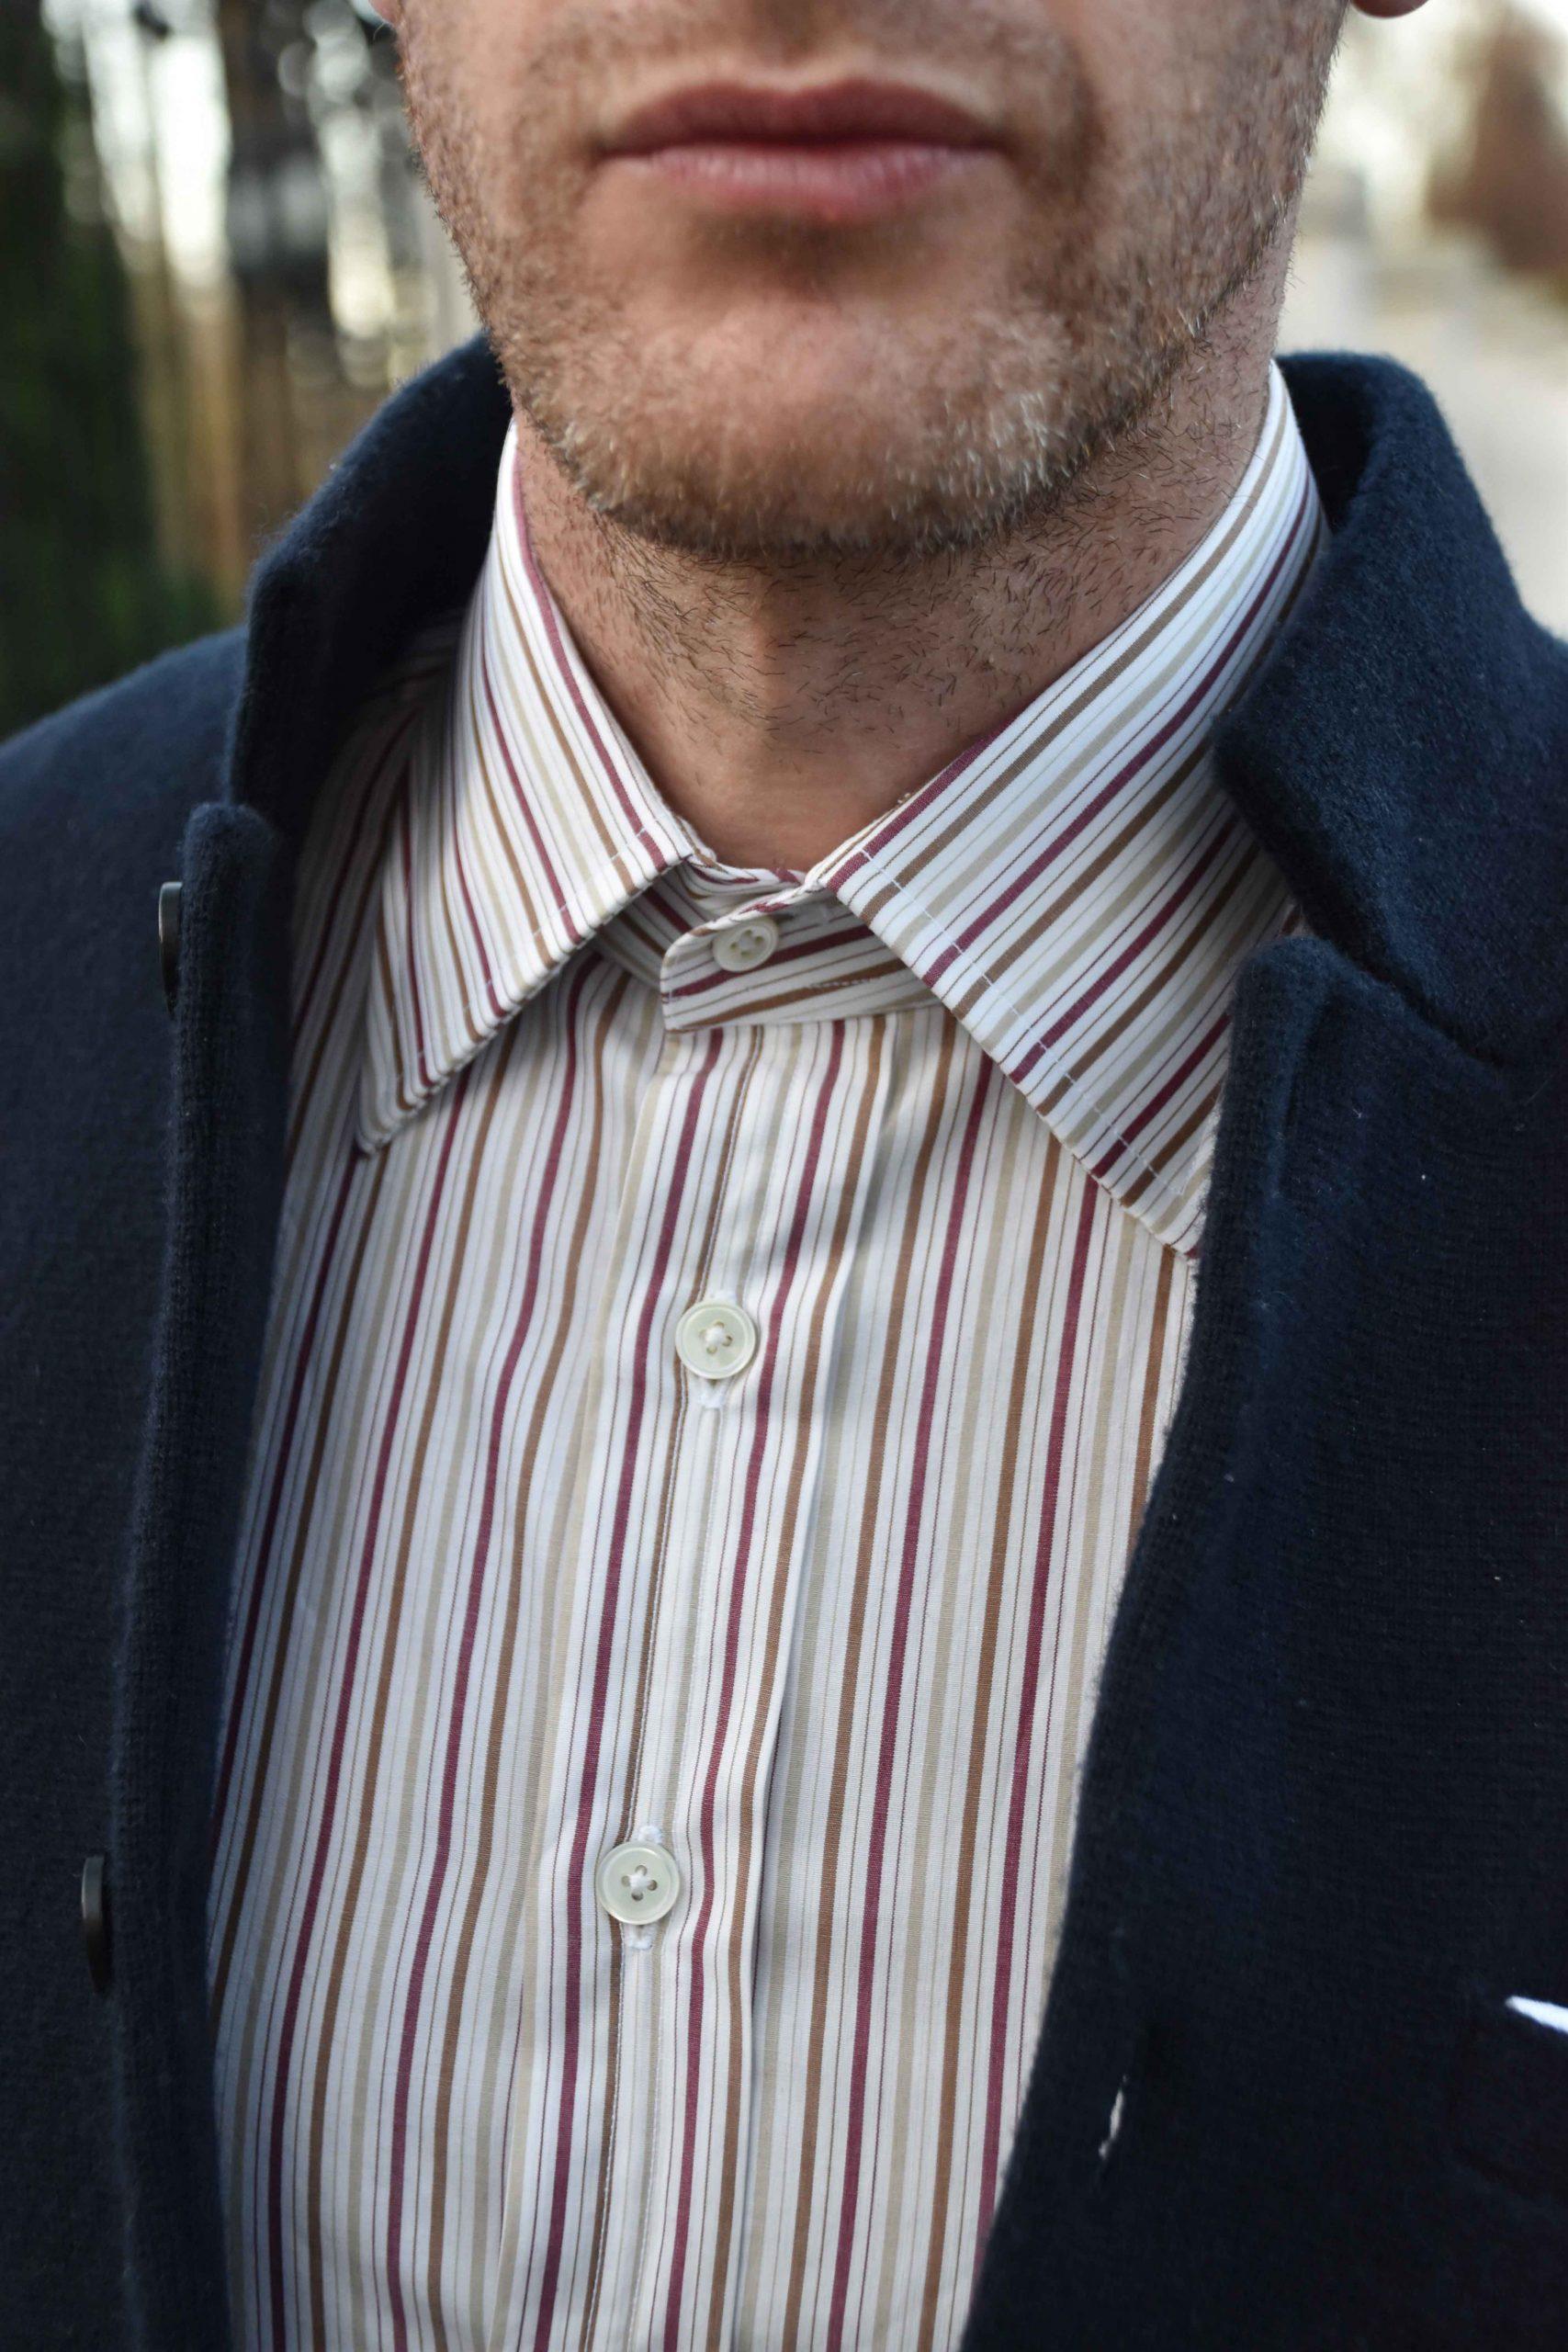 Frank Foster Collar bespoke shirt close up